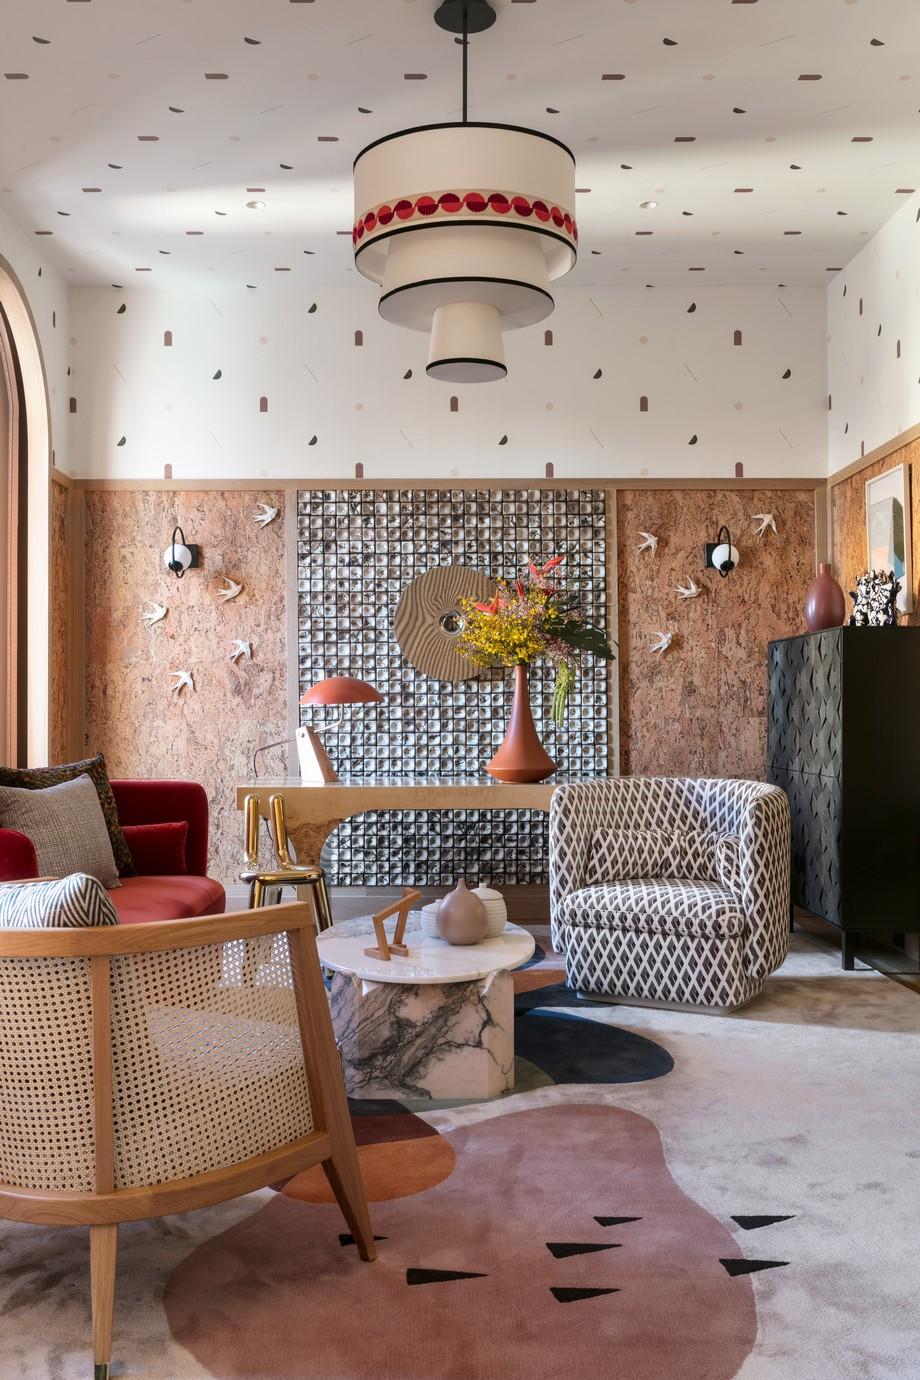 Erico Navazo: Una historia de Interiorismo de lujo en Madrid [object object] Erico Navazo: Una historia de Interiorismo de lujo en Madrid erico navazo Emb